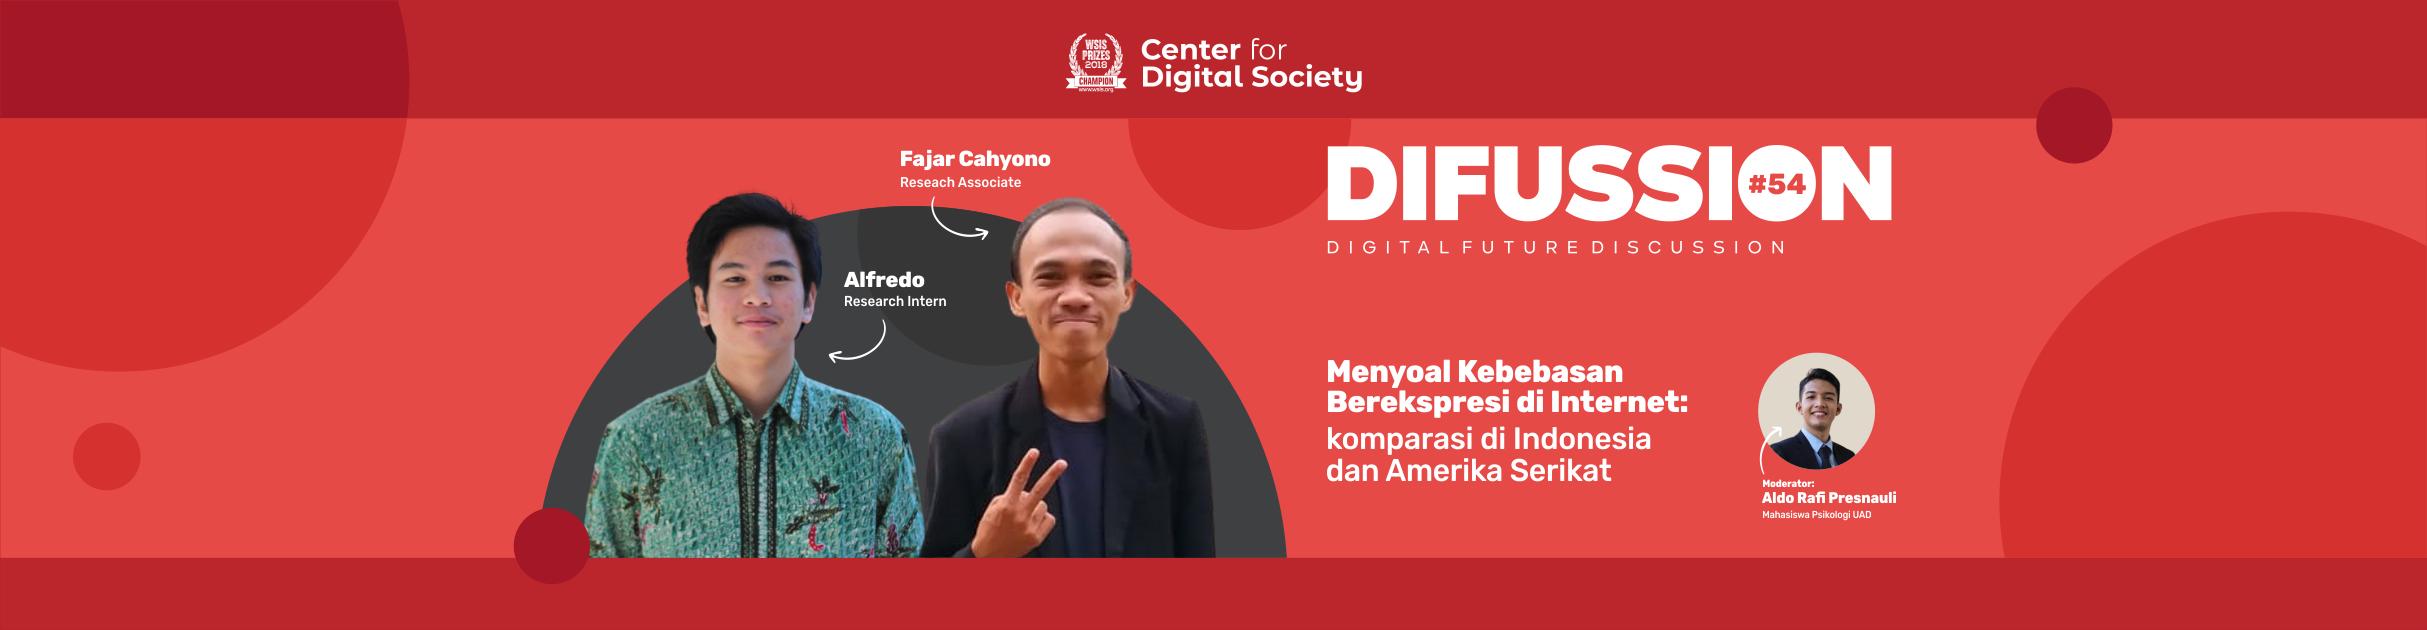 [SIARAN PERS] Menyoal Kebebasan Berekspresi di Internet: Komparasi di Indonesia dan Amerika Serikat | Difussion #54